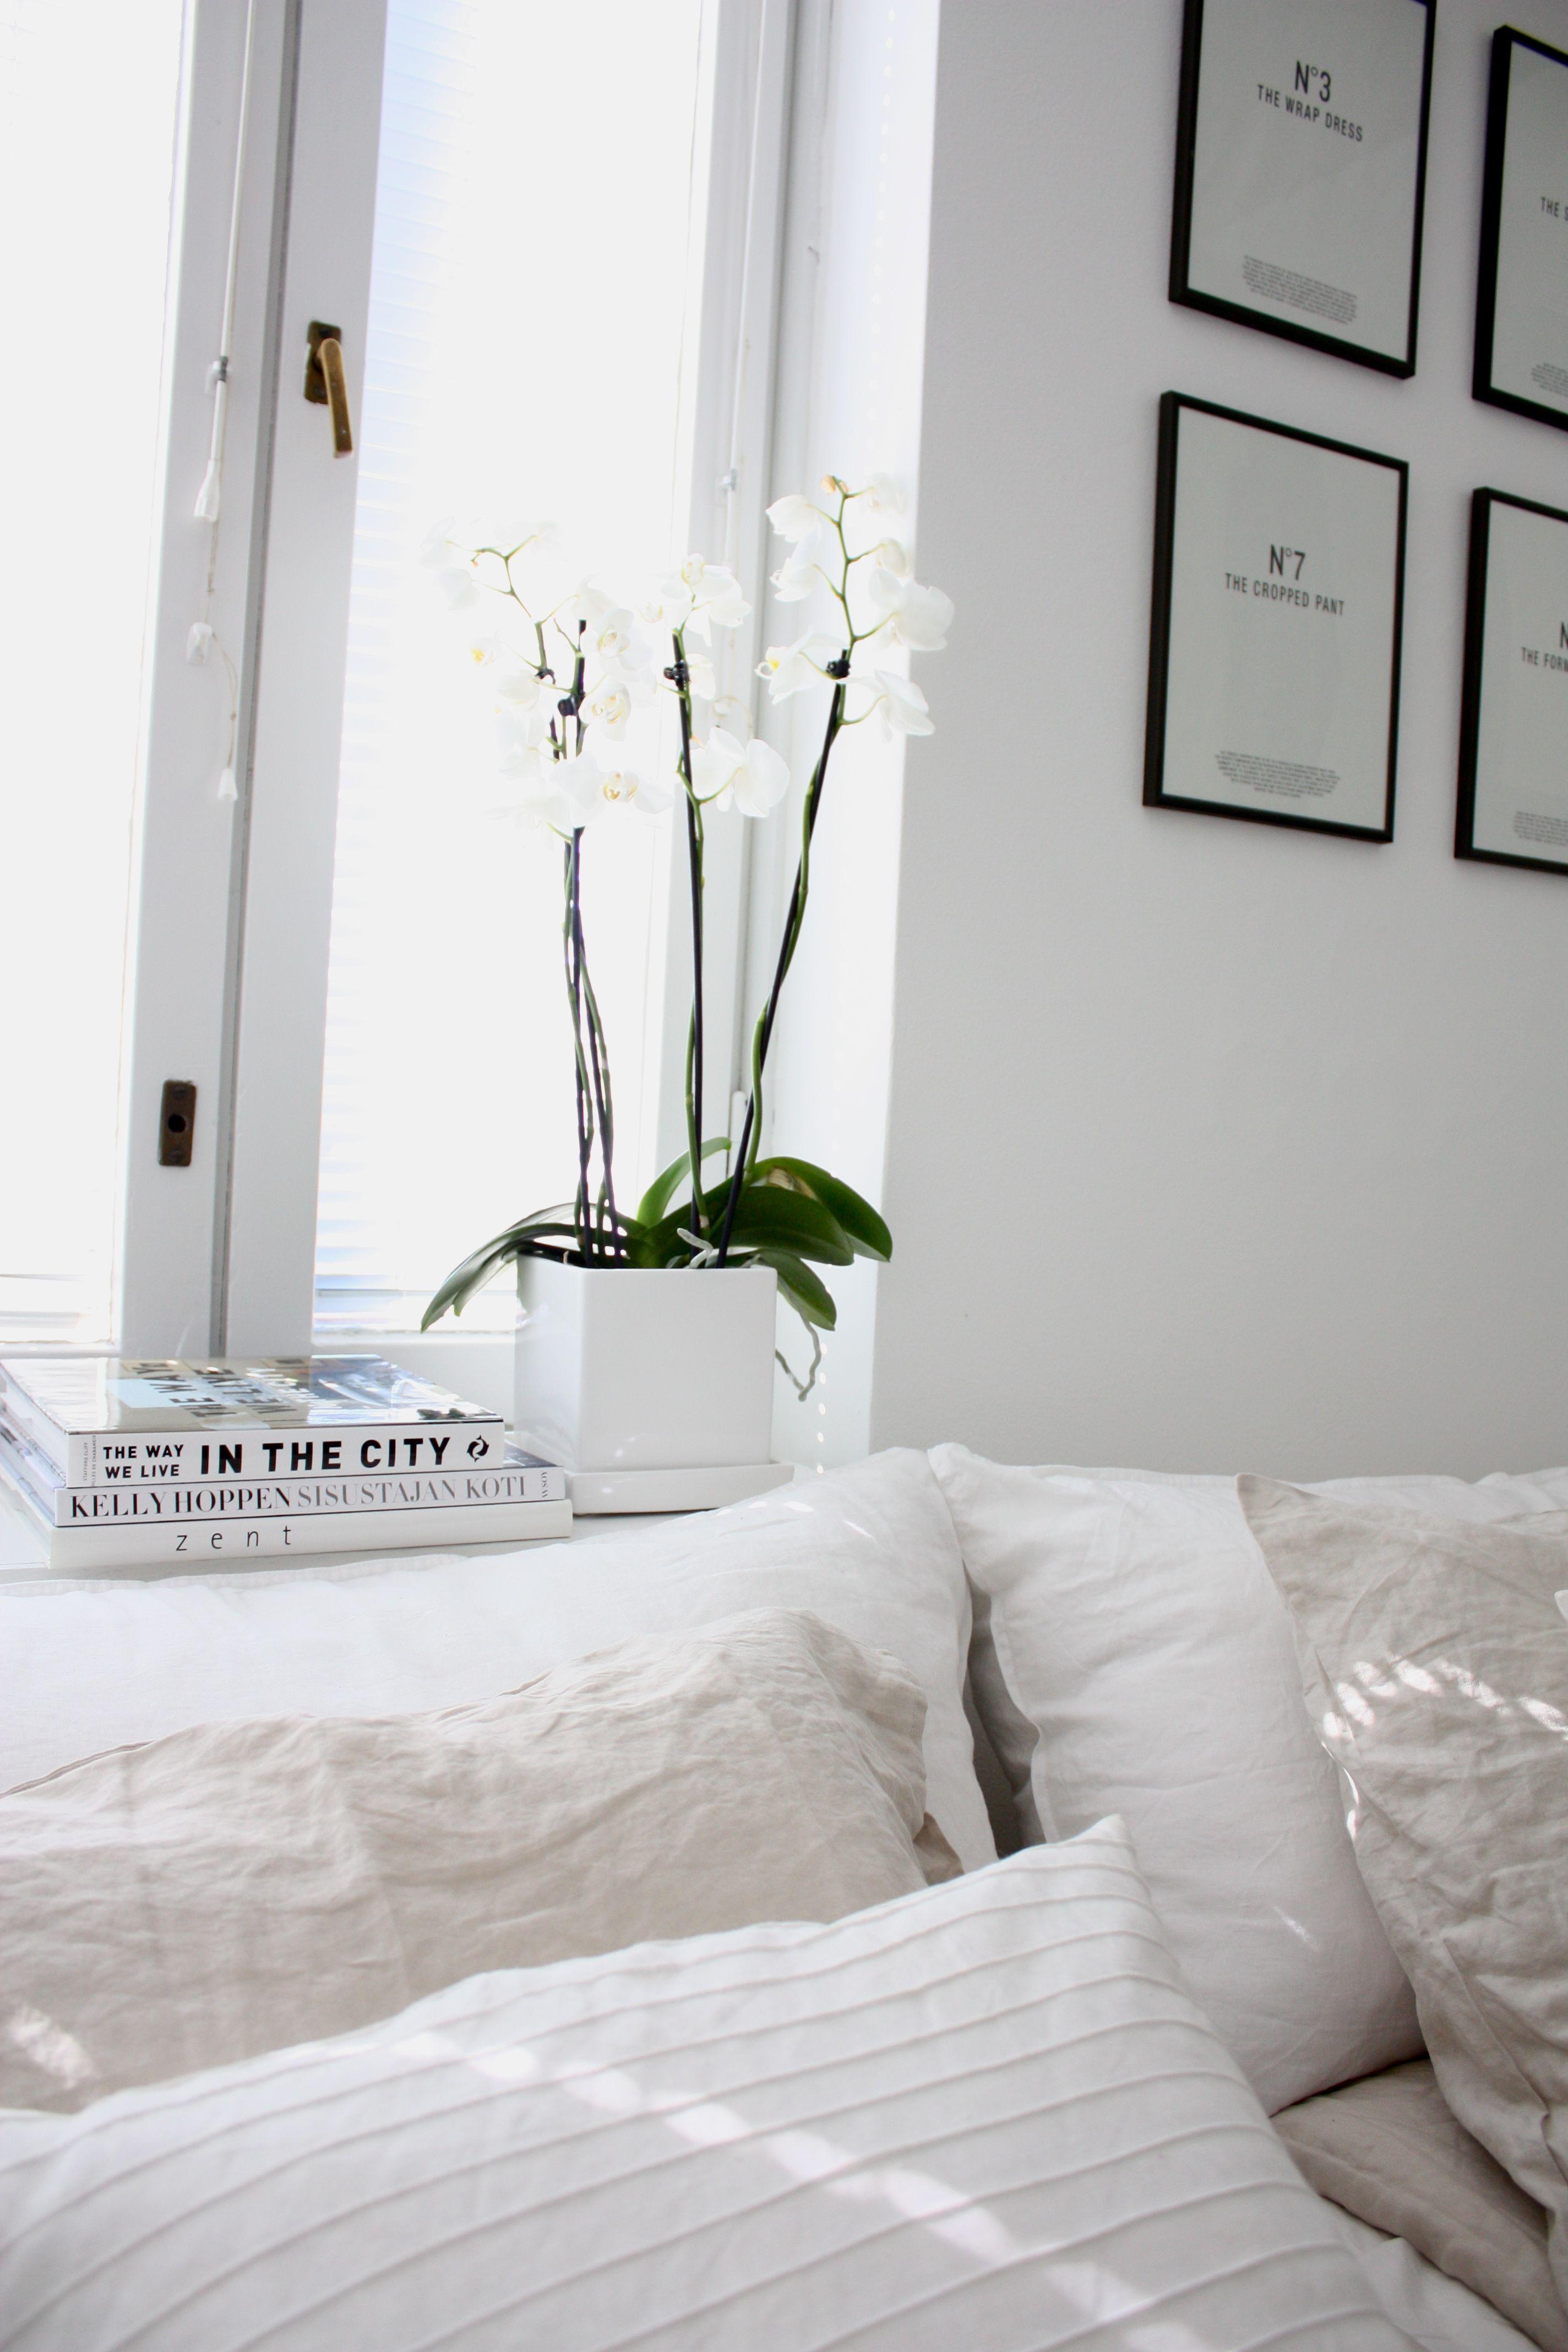 pellavainen petaus home decor schlafzimmer schlafzimmer schrank zuhause. Black Bedroom Furniture Sets. Home Design Ideas